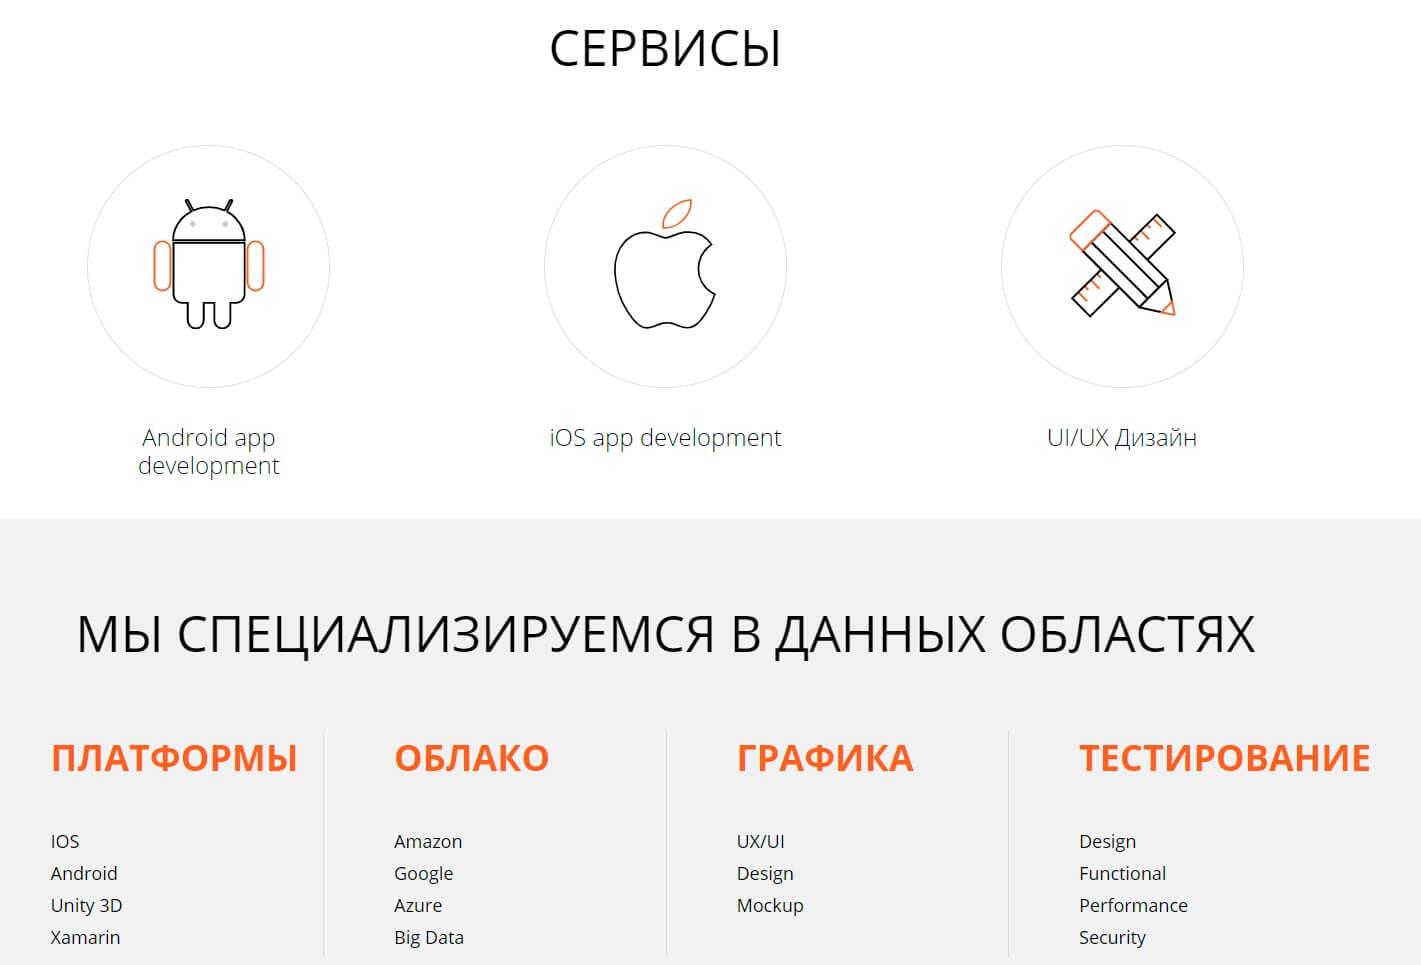 Wezom.Mobile - обзор компании, услуги, отзывы, клиенты, Фото № 2 - google-seo.pro